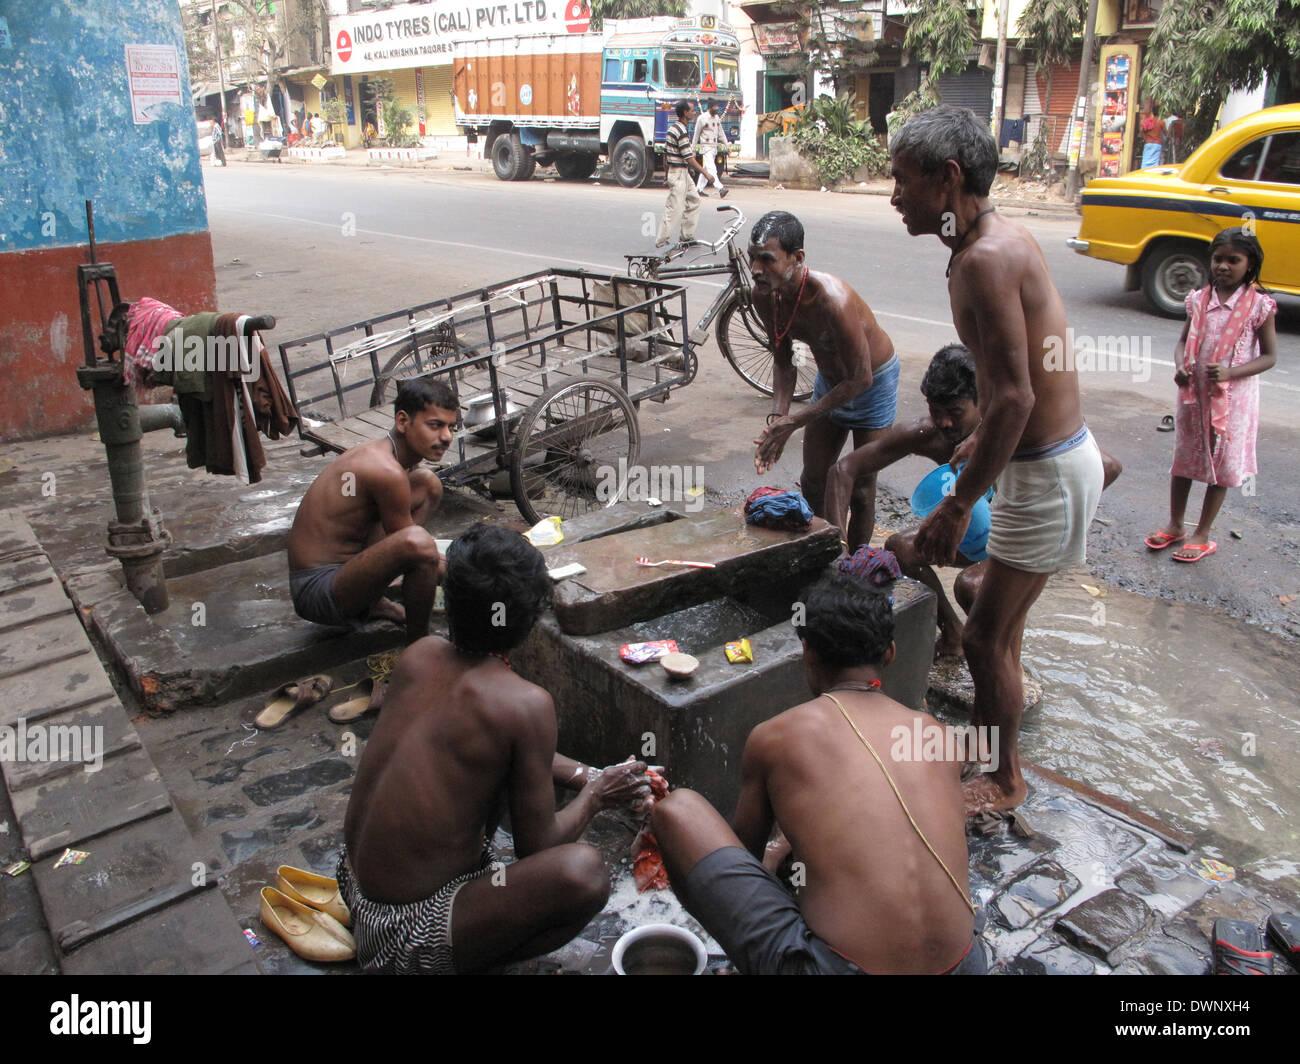 Las calles de Calcuta. Pueblo Indio lavarse en una calle , 25 de enero de 2009. Imagen De Stock